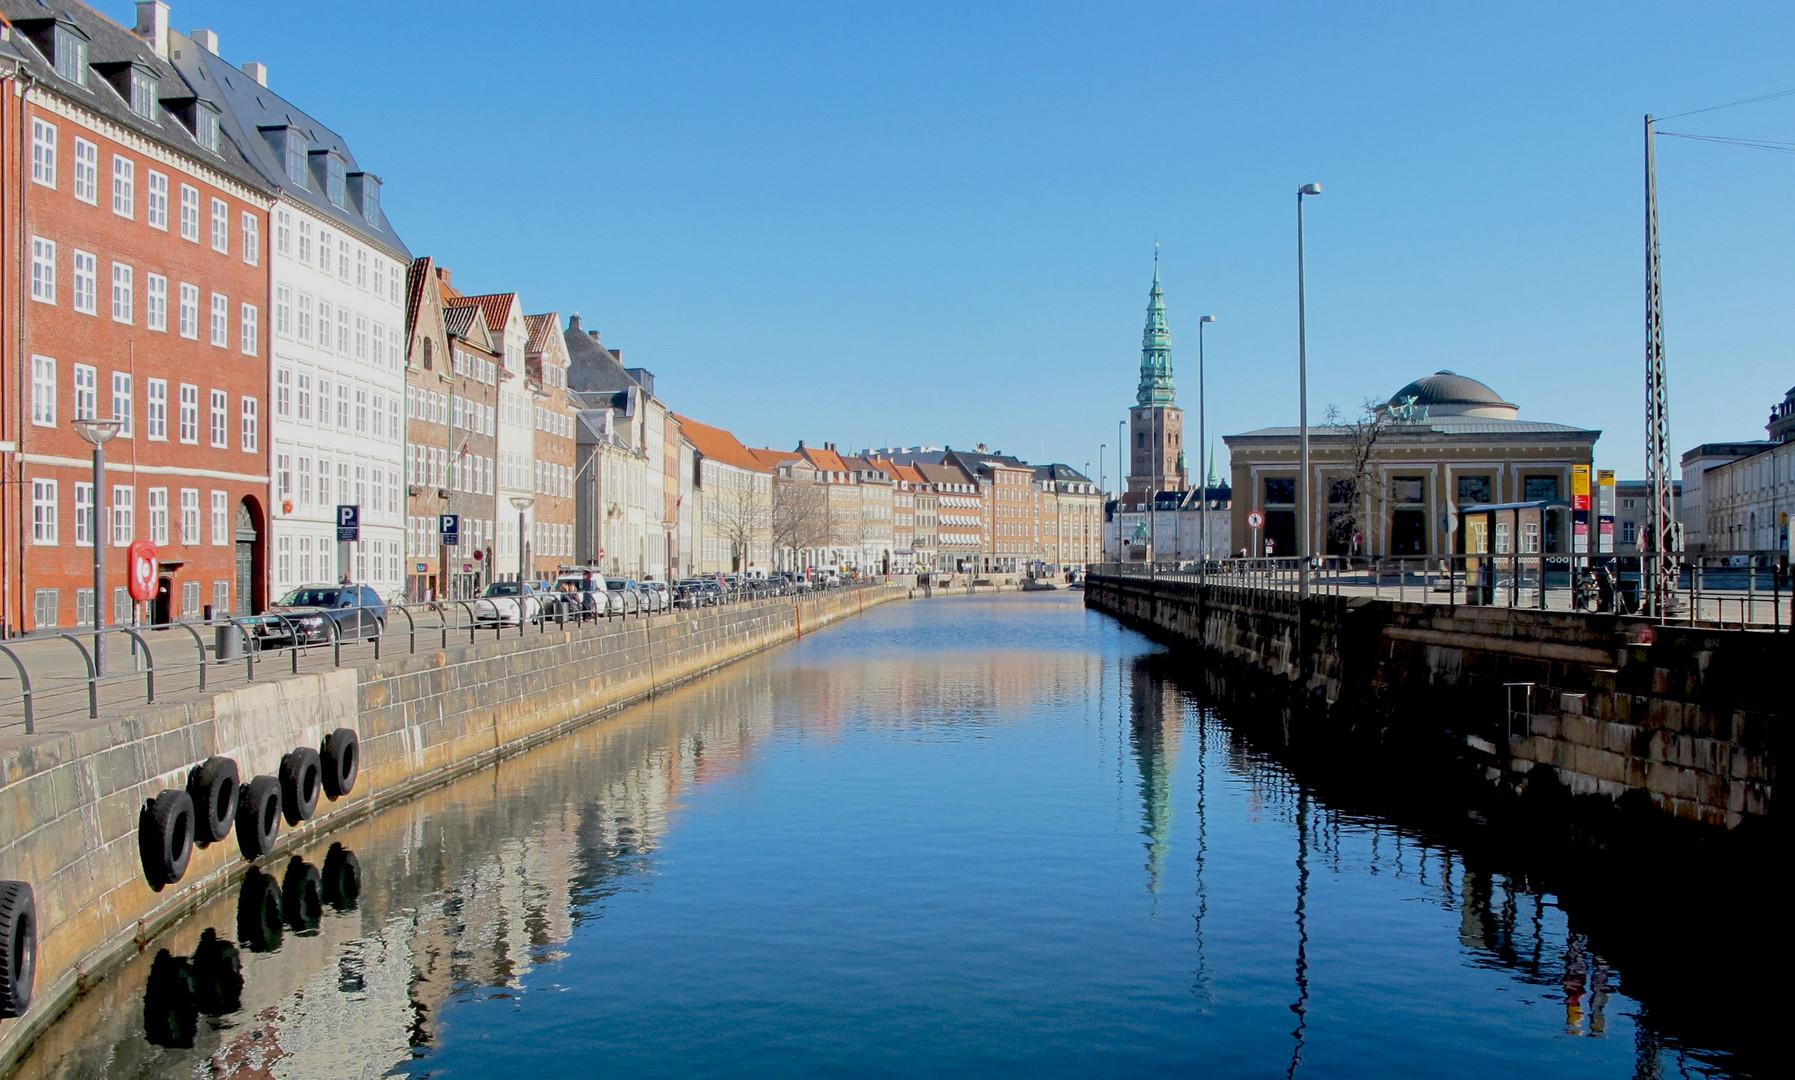 Prachtswetter in Copenhagen